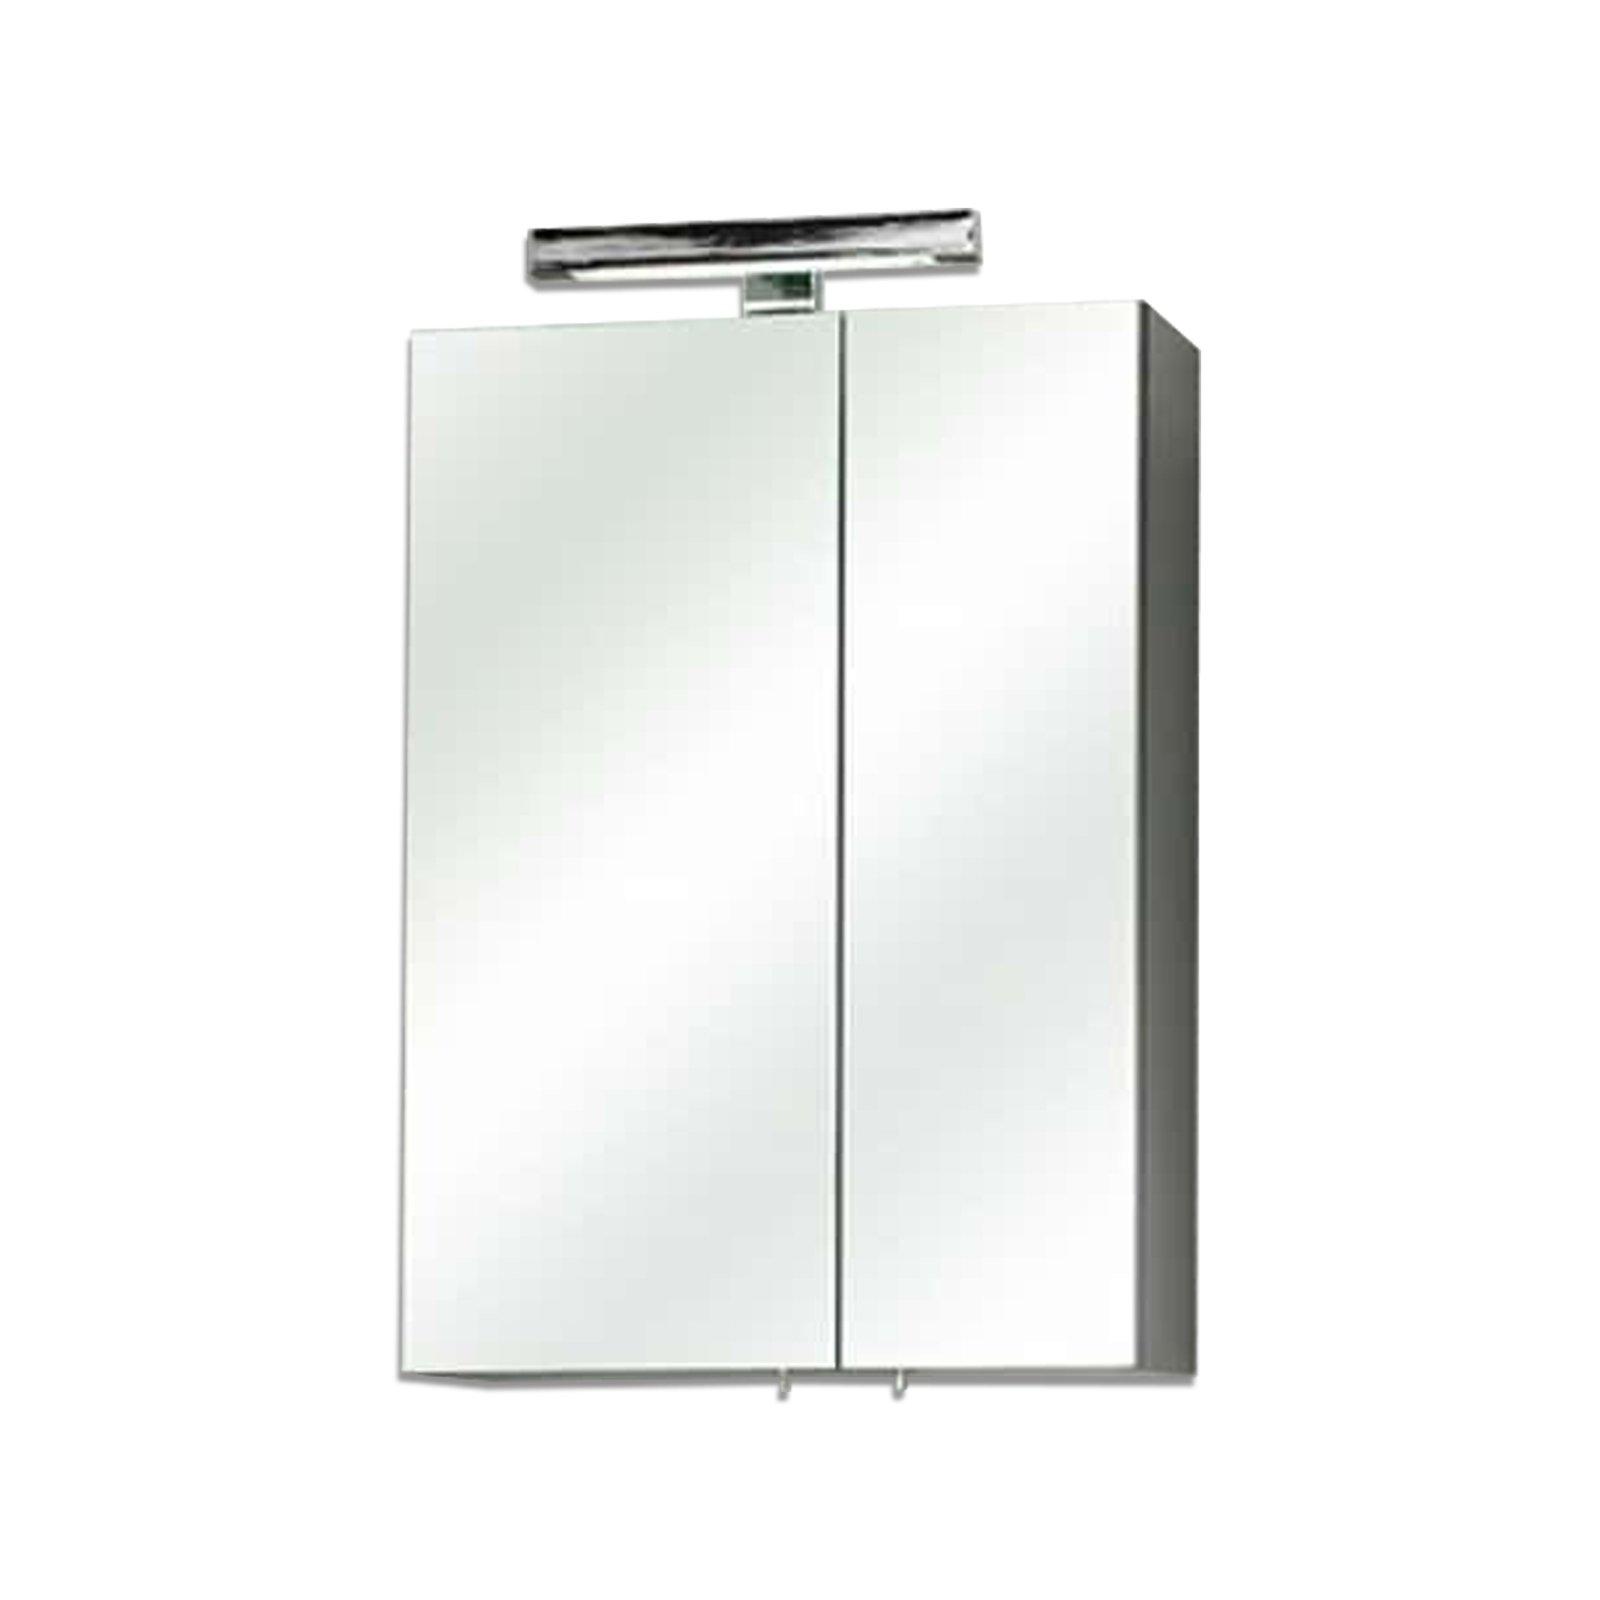 spiegelschrank mainz spiegelschr nke badm bel badezimmer wohnbereiche roller m belhaus. Black Bedroom Furniture Sets. Home Design Ideas